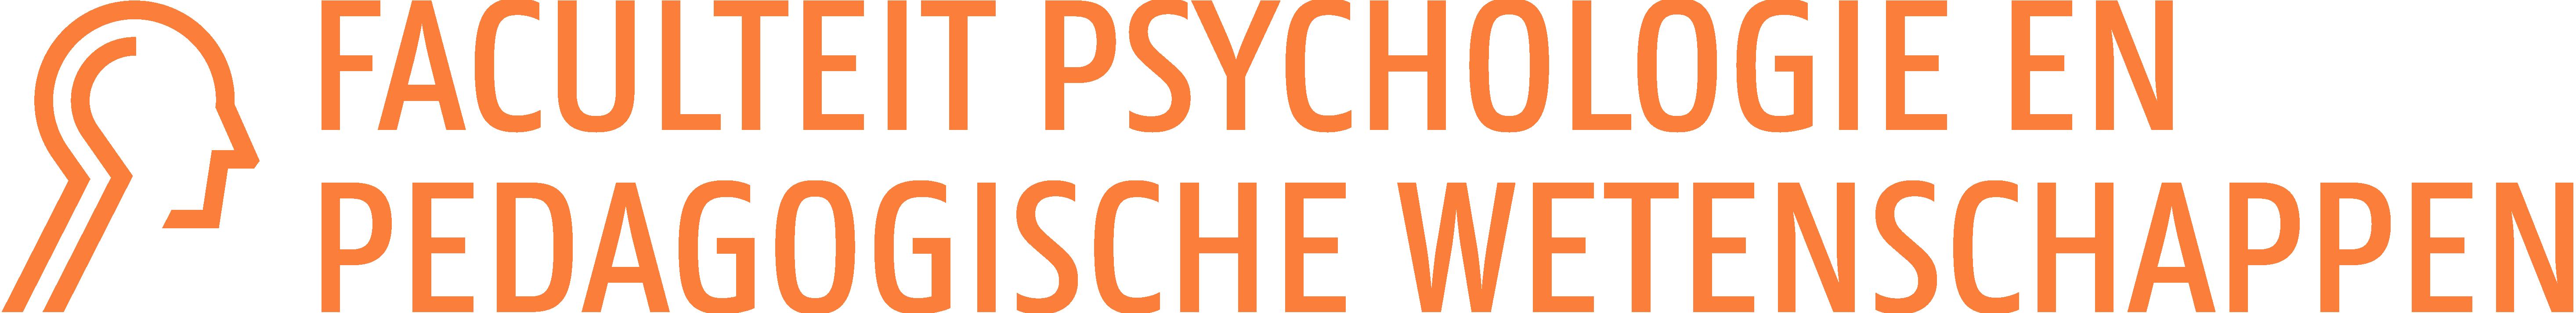 Logo Faculteit Psychologie en Pedagogische Wetenschappen (kleur op wit)